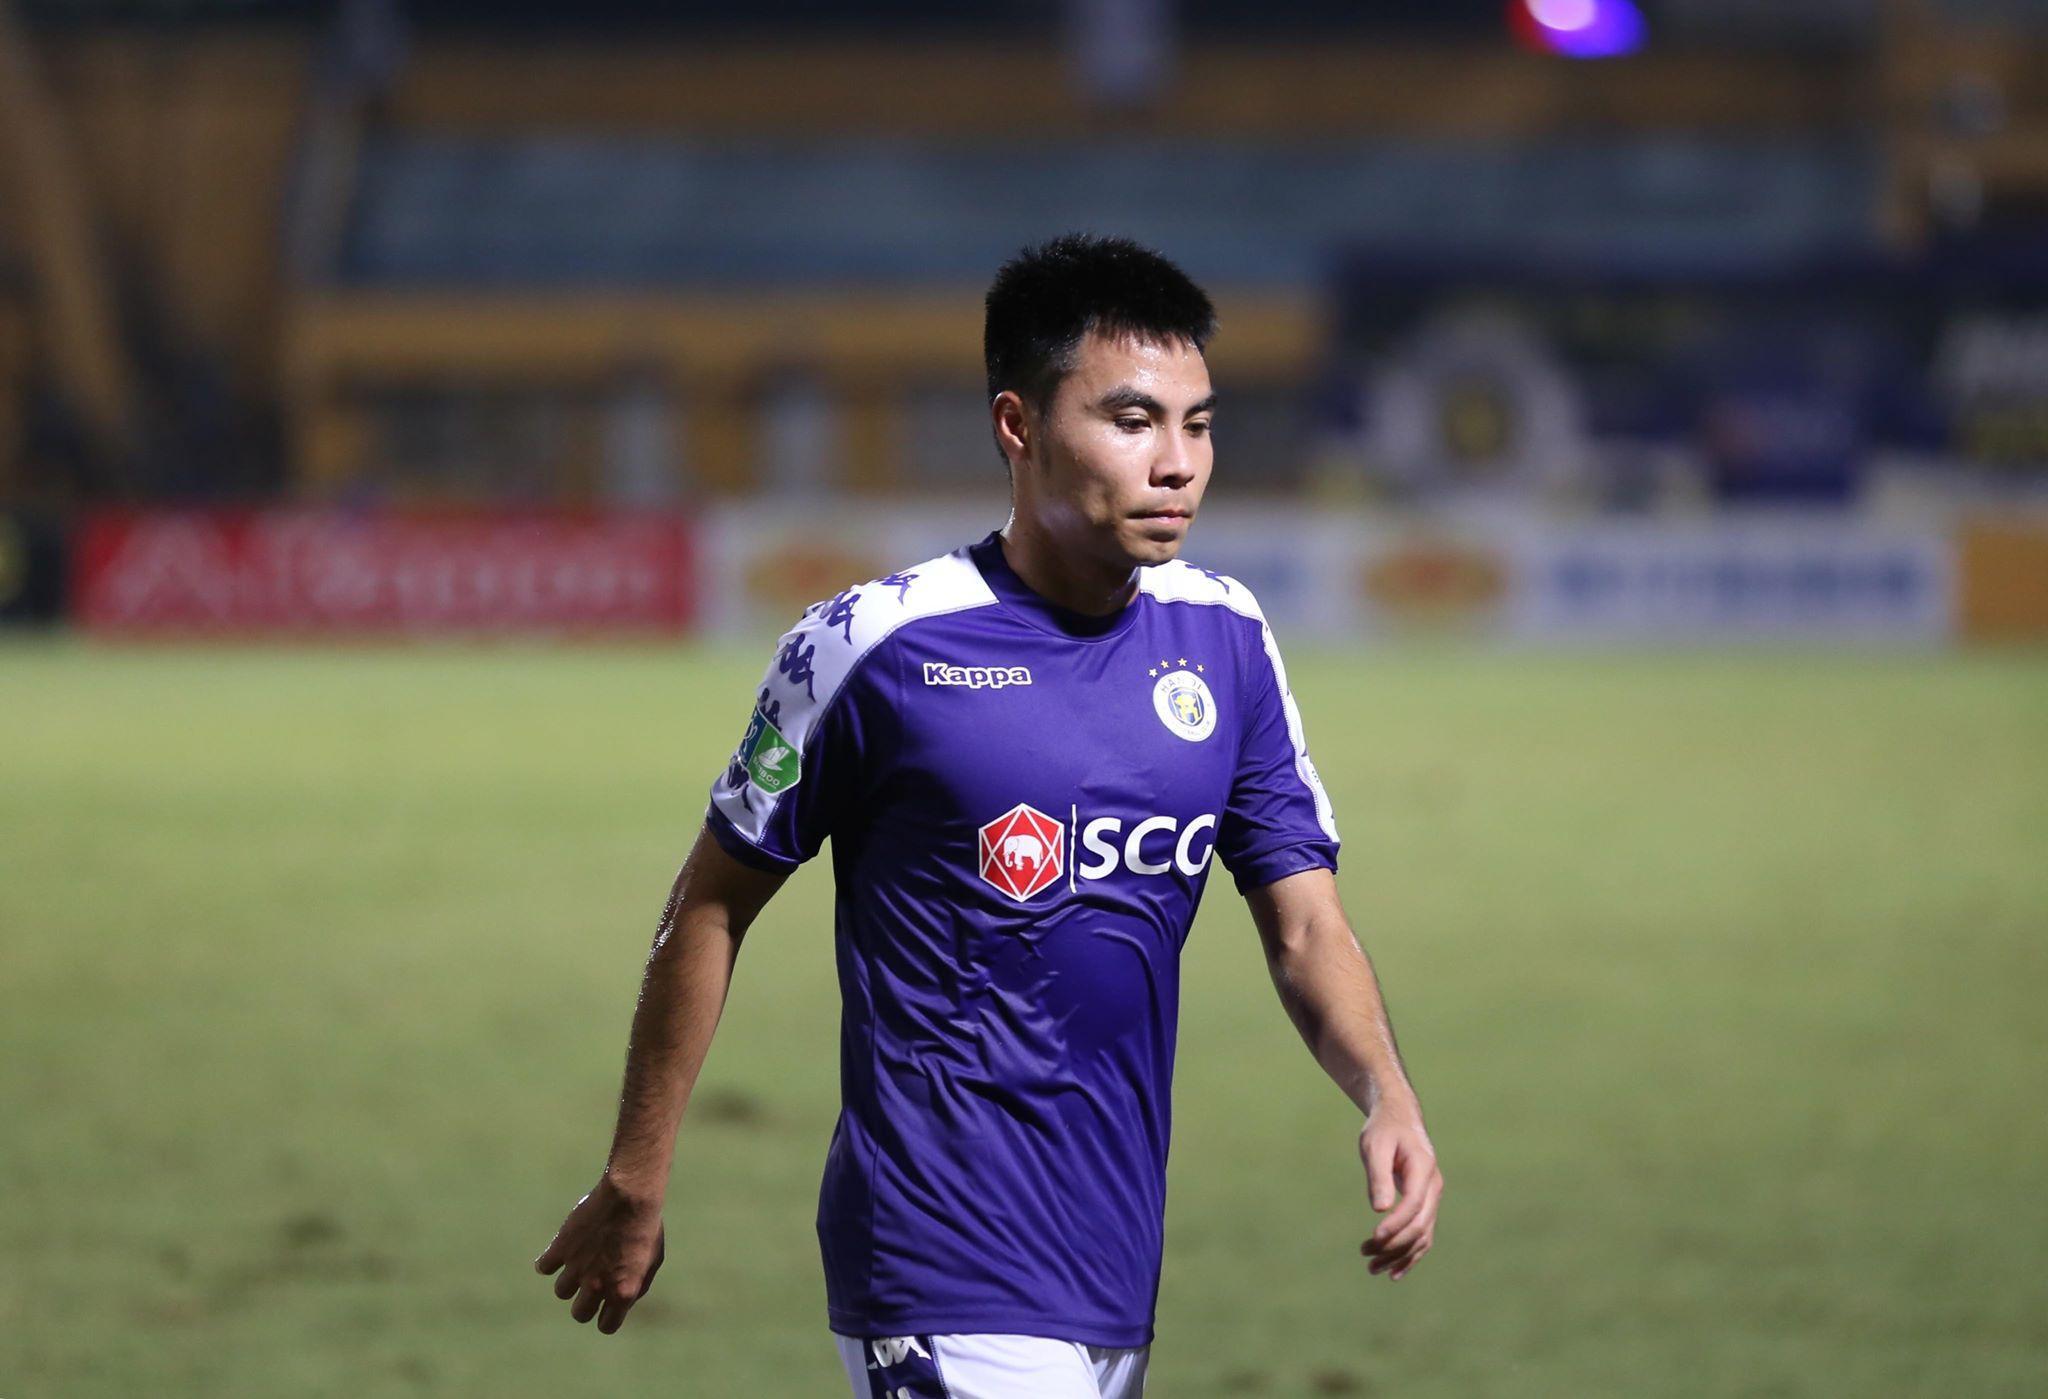 Đội hình xuất phát Hà Nội FC gặp 4.25 SC: Bùi Tiến Dũng bắt chính